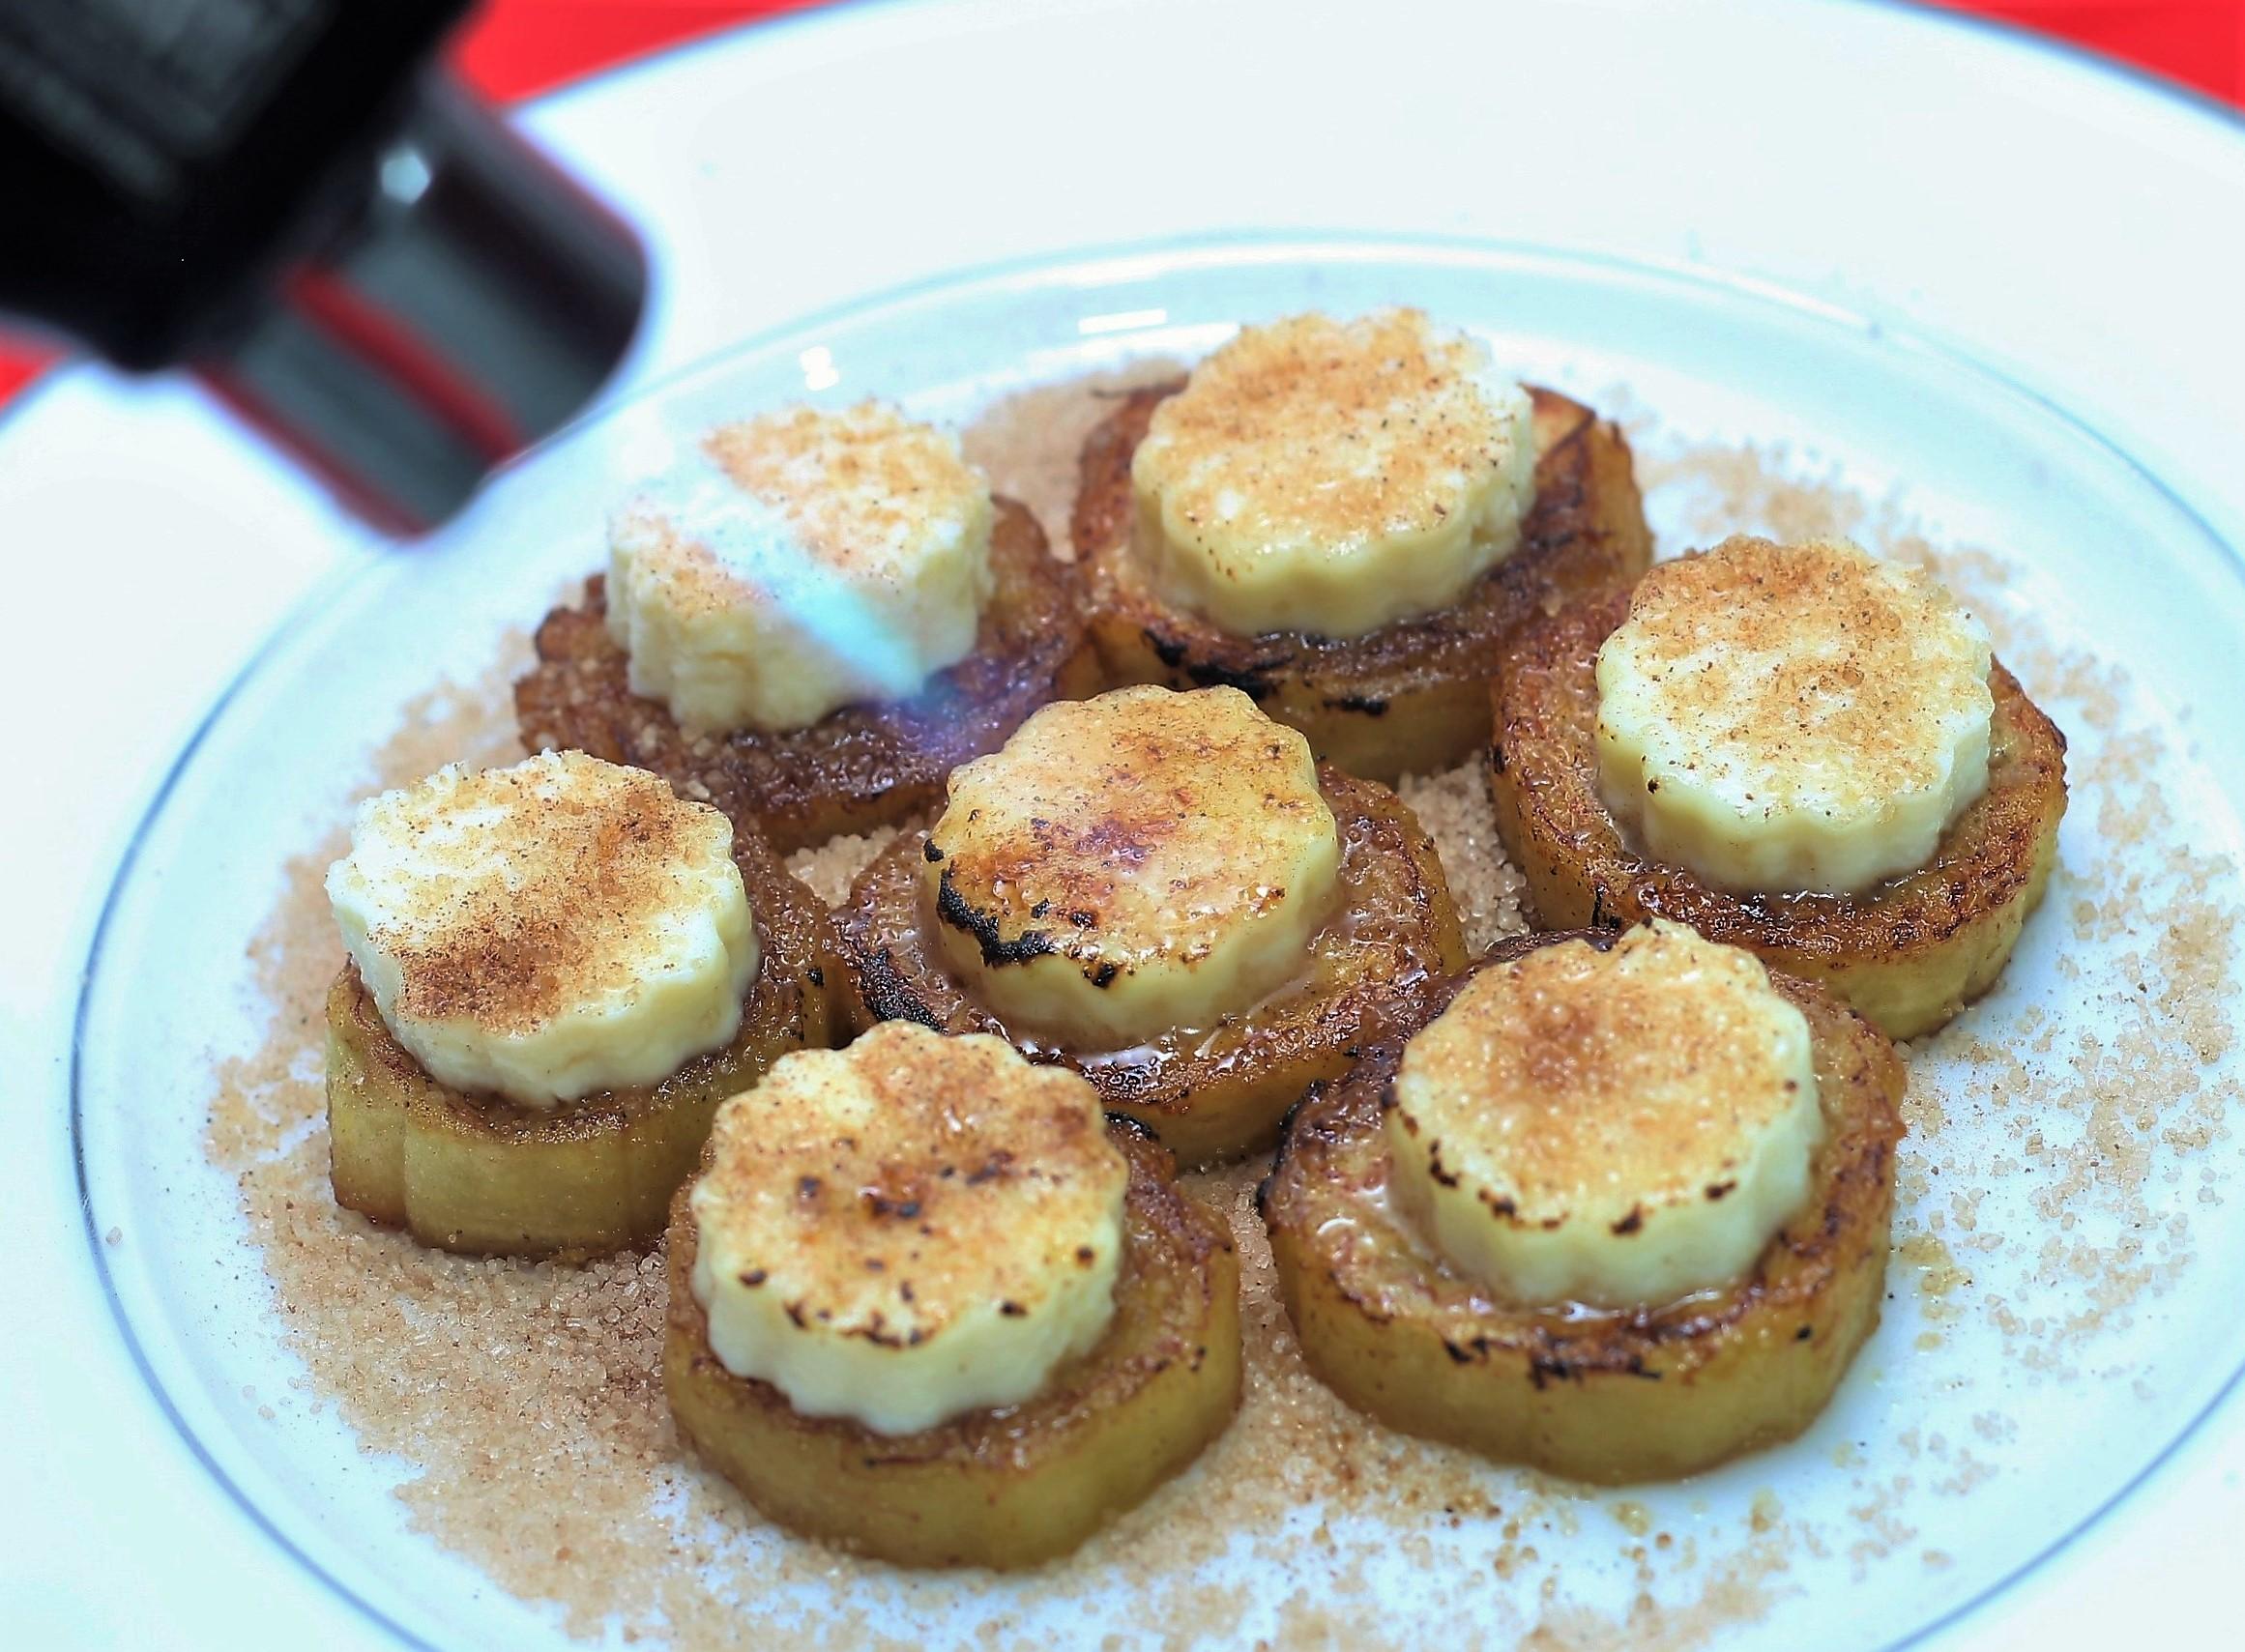 #C10A17  Queijo no Maçarico Culinário Ciscando na Cozinha por Fátima Pinto 2322x1709 px Programa Cozinha Brasil Receitas_3936 Imagens